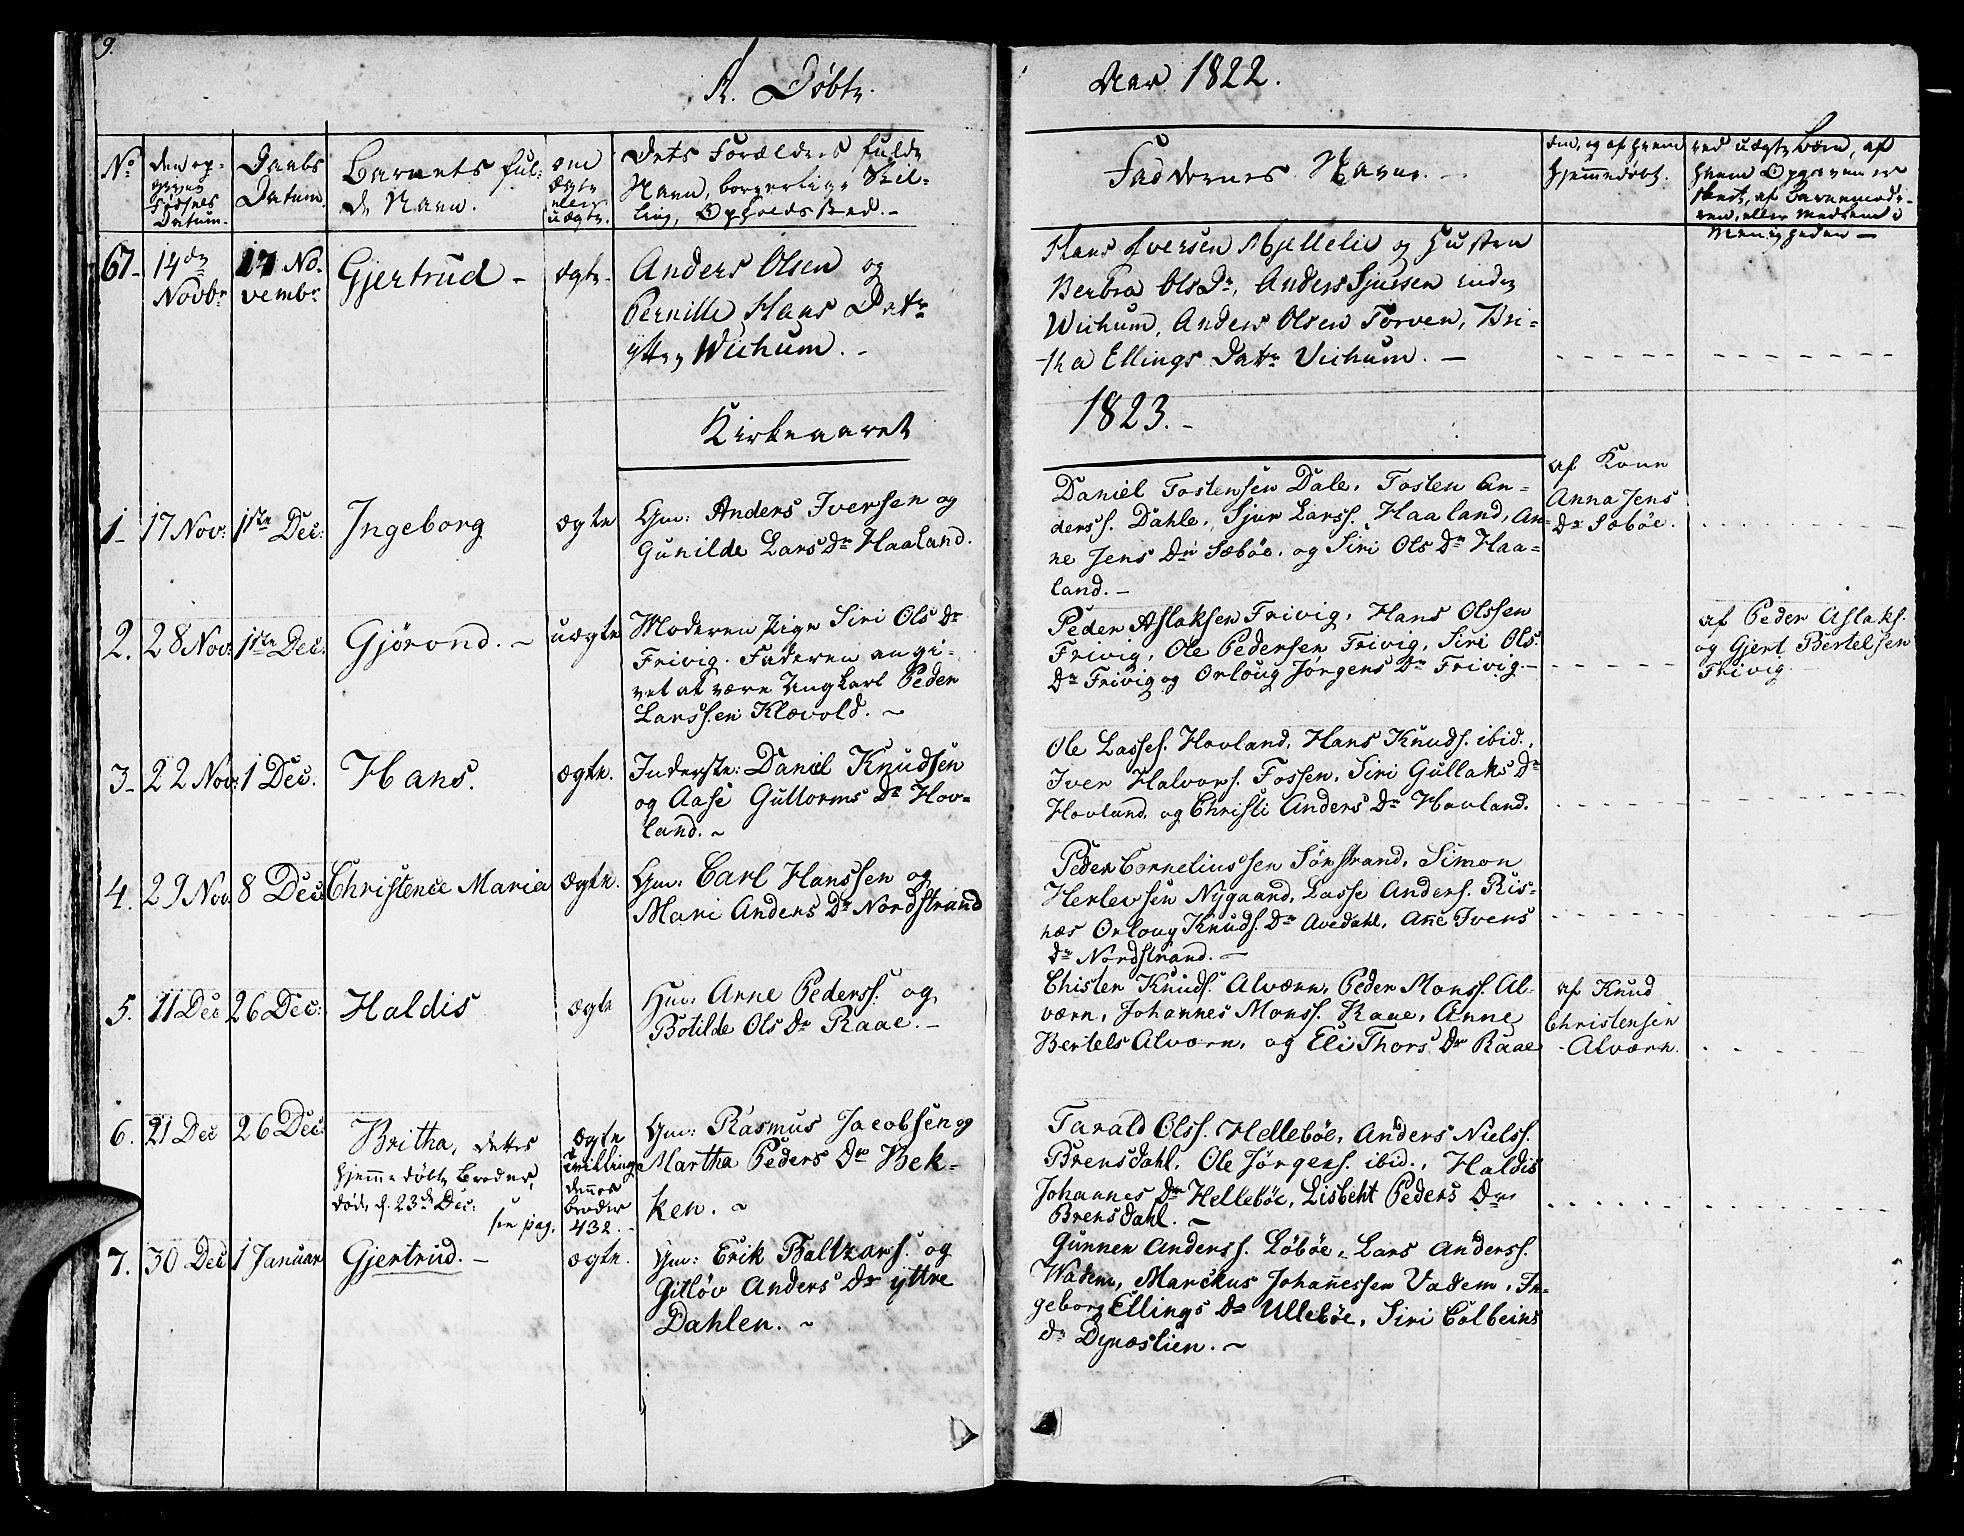 SAB, Lavik sokneprestembete, Ministerialbok nr. A 2I, 1821-1842, s. 9